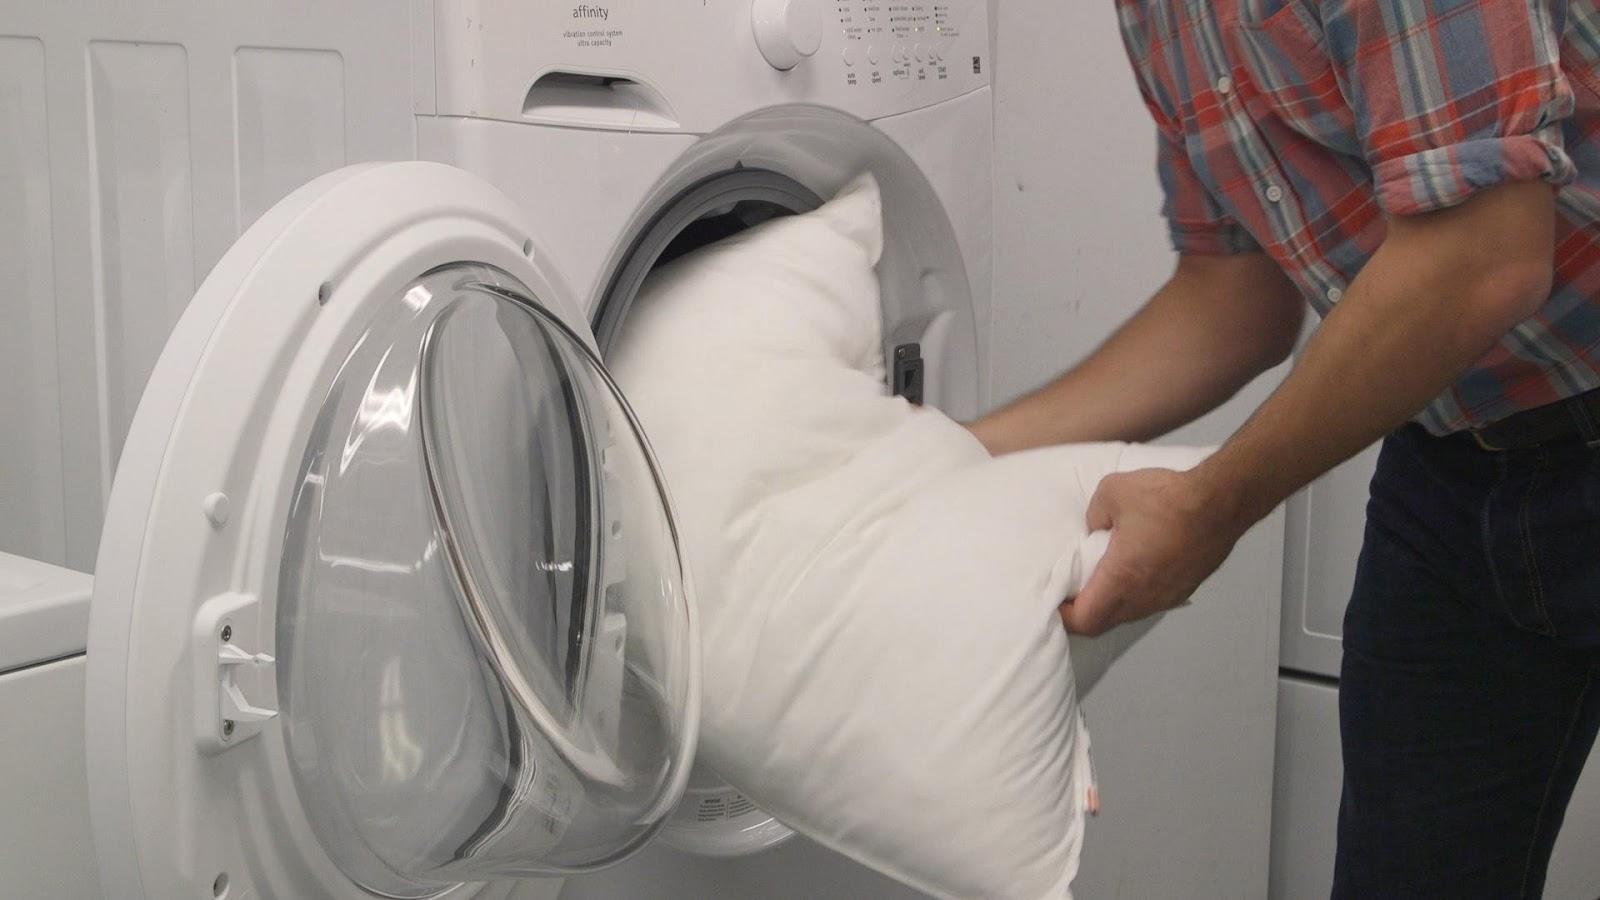 Hướng dẫn cách giặt gối bằng máy giặt hiệu quả - HDSD Online